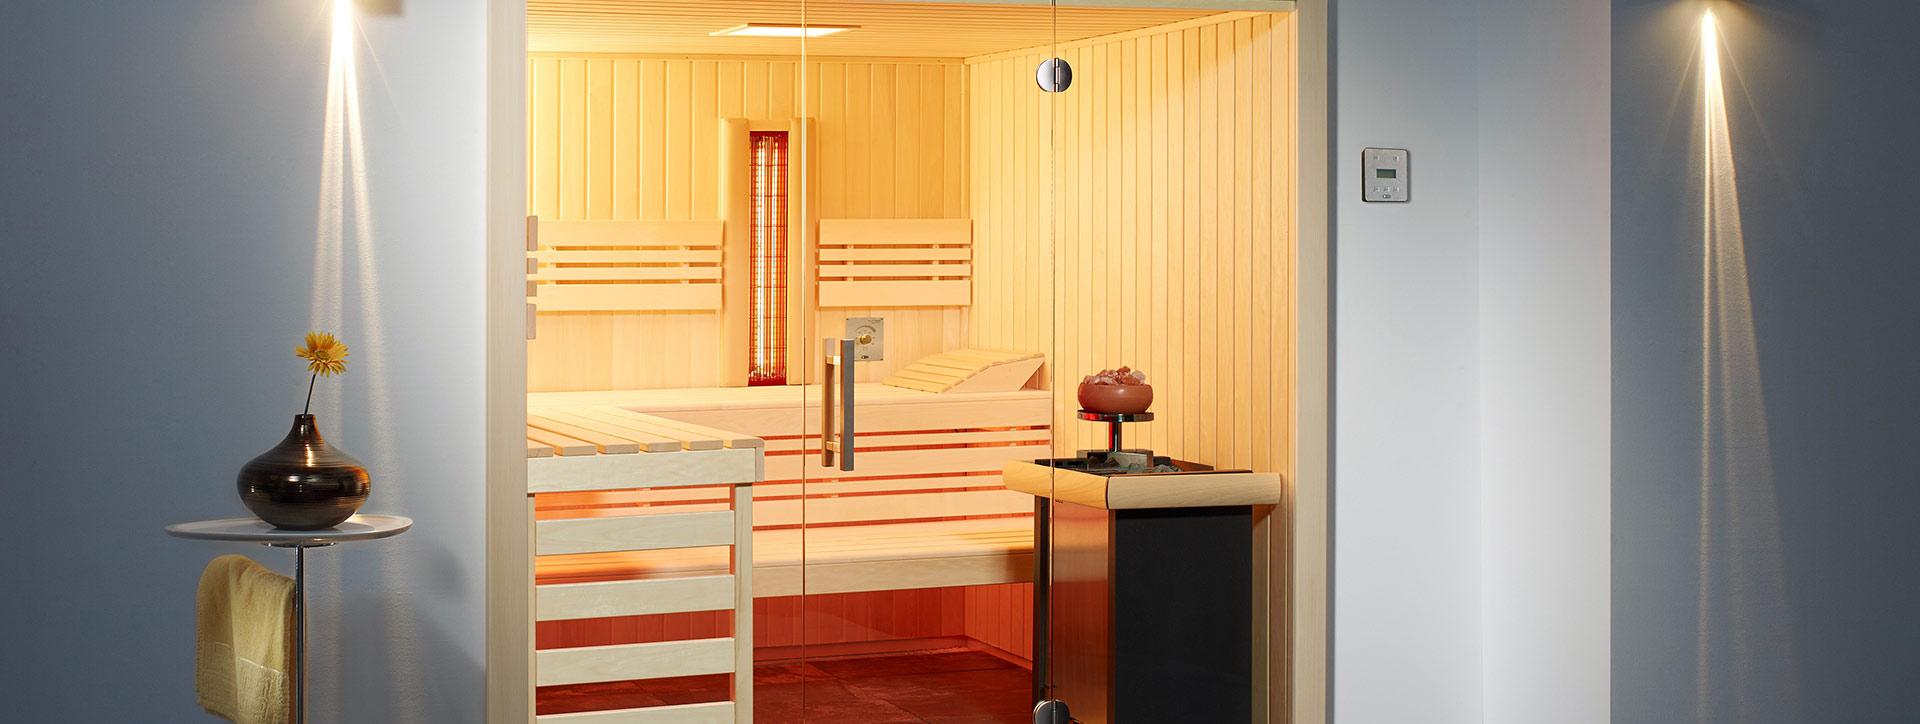 Sauna-Klaerner-slide2